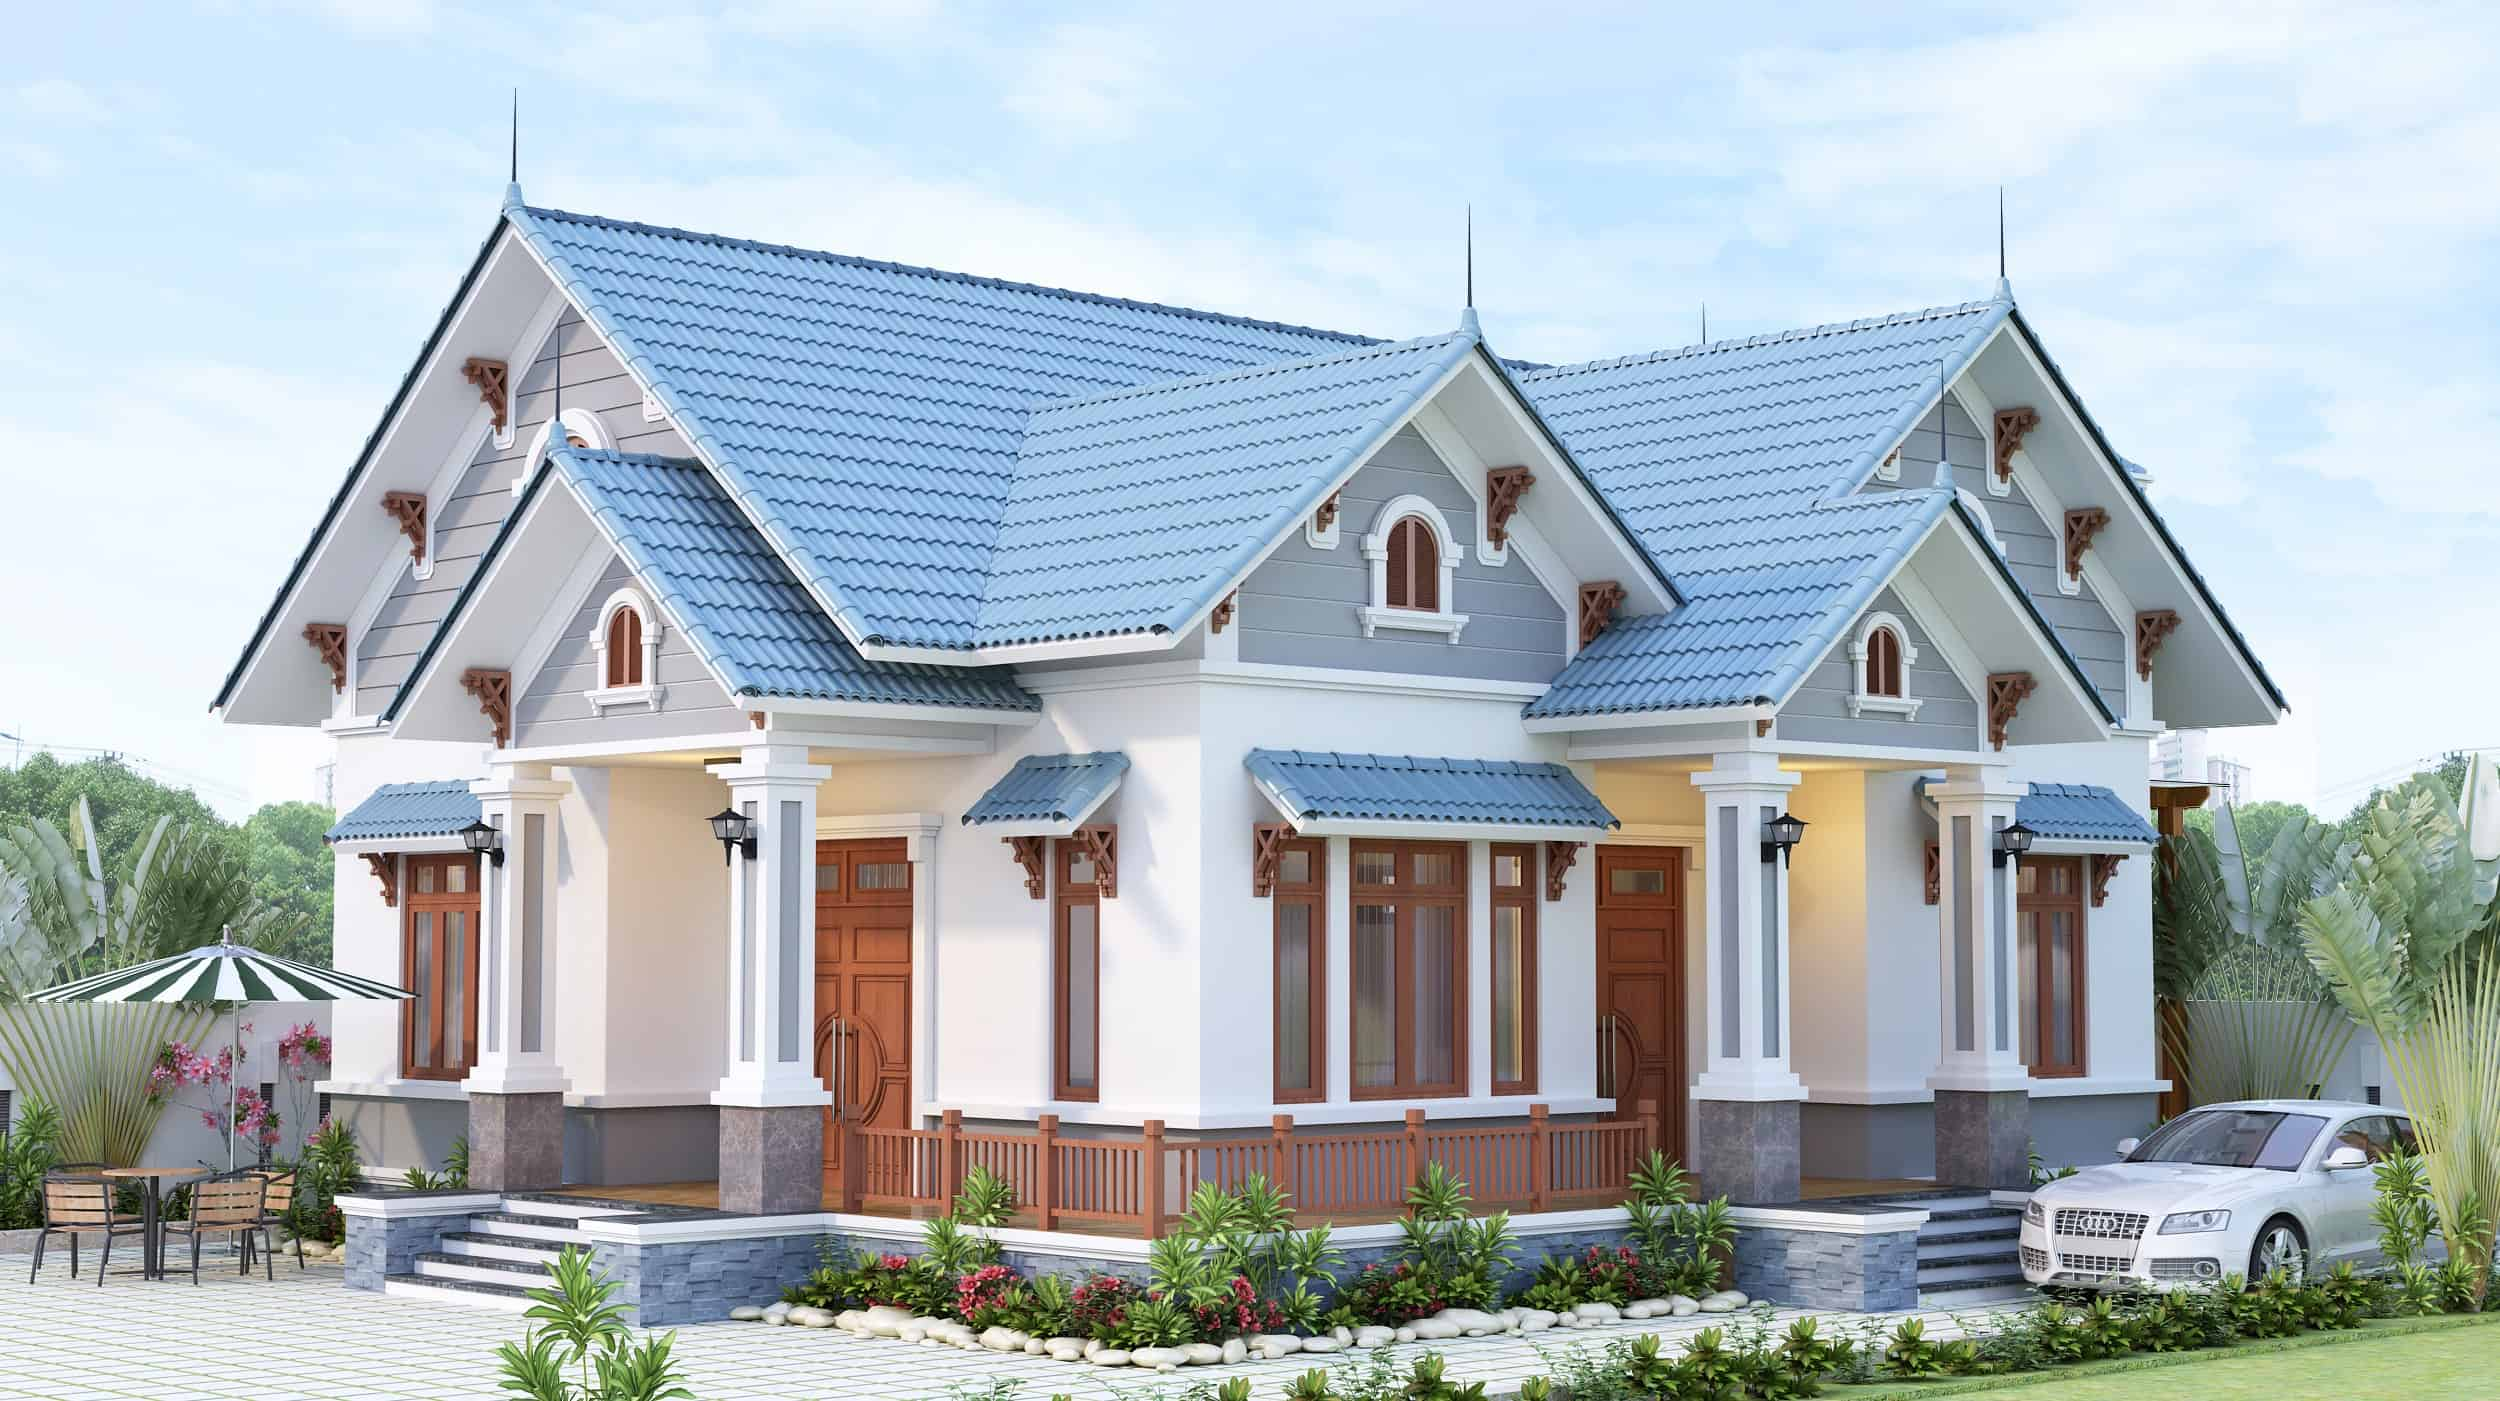 Nhà Mái Thái Đẹp 2021  20 Mẫu Thiết Kế Xuất Sắc Nhất Năm